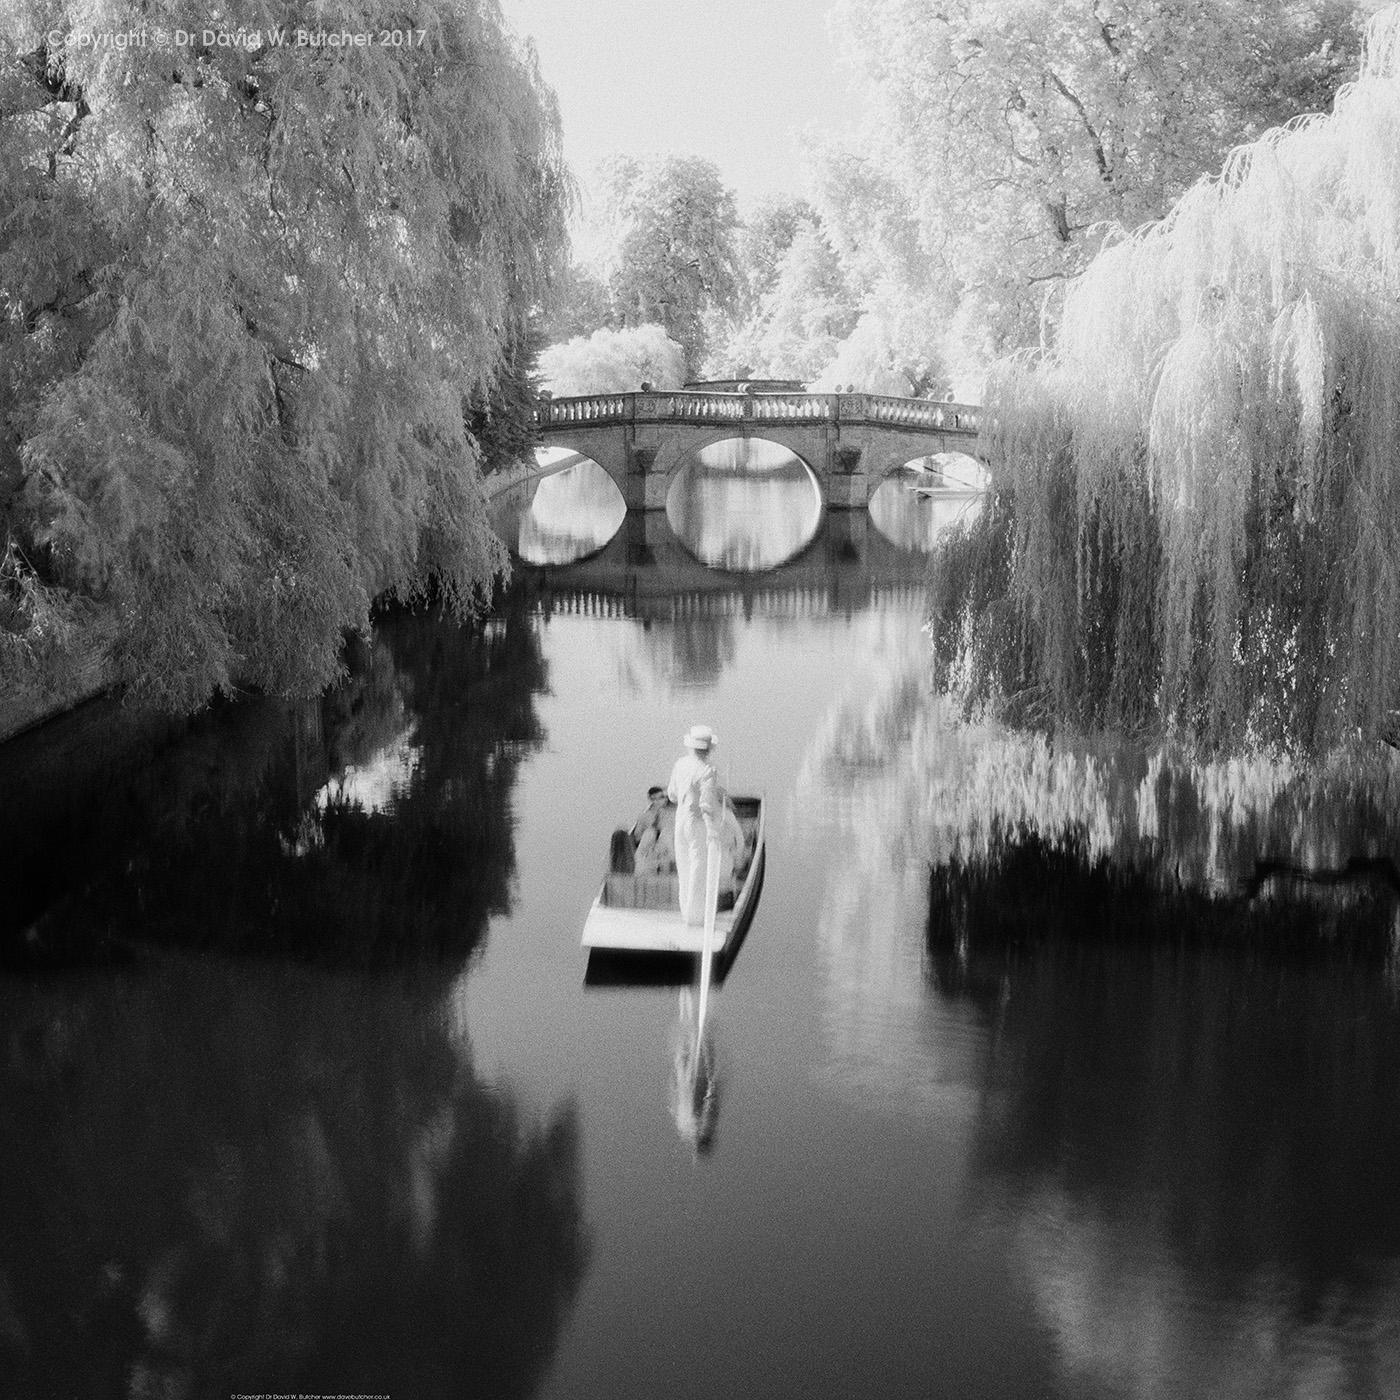 Cambridge Clare College Bridge and Punt, England